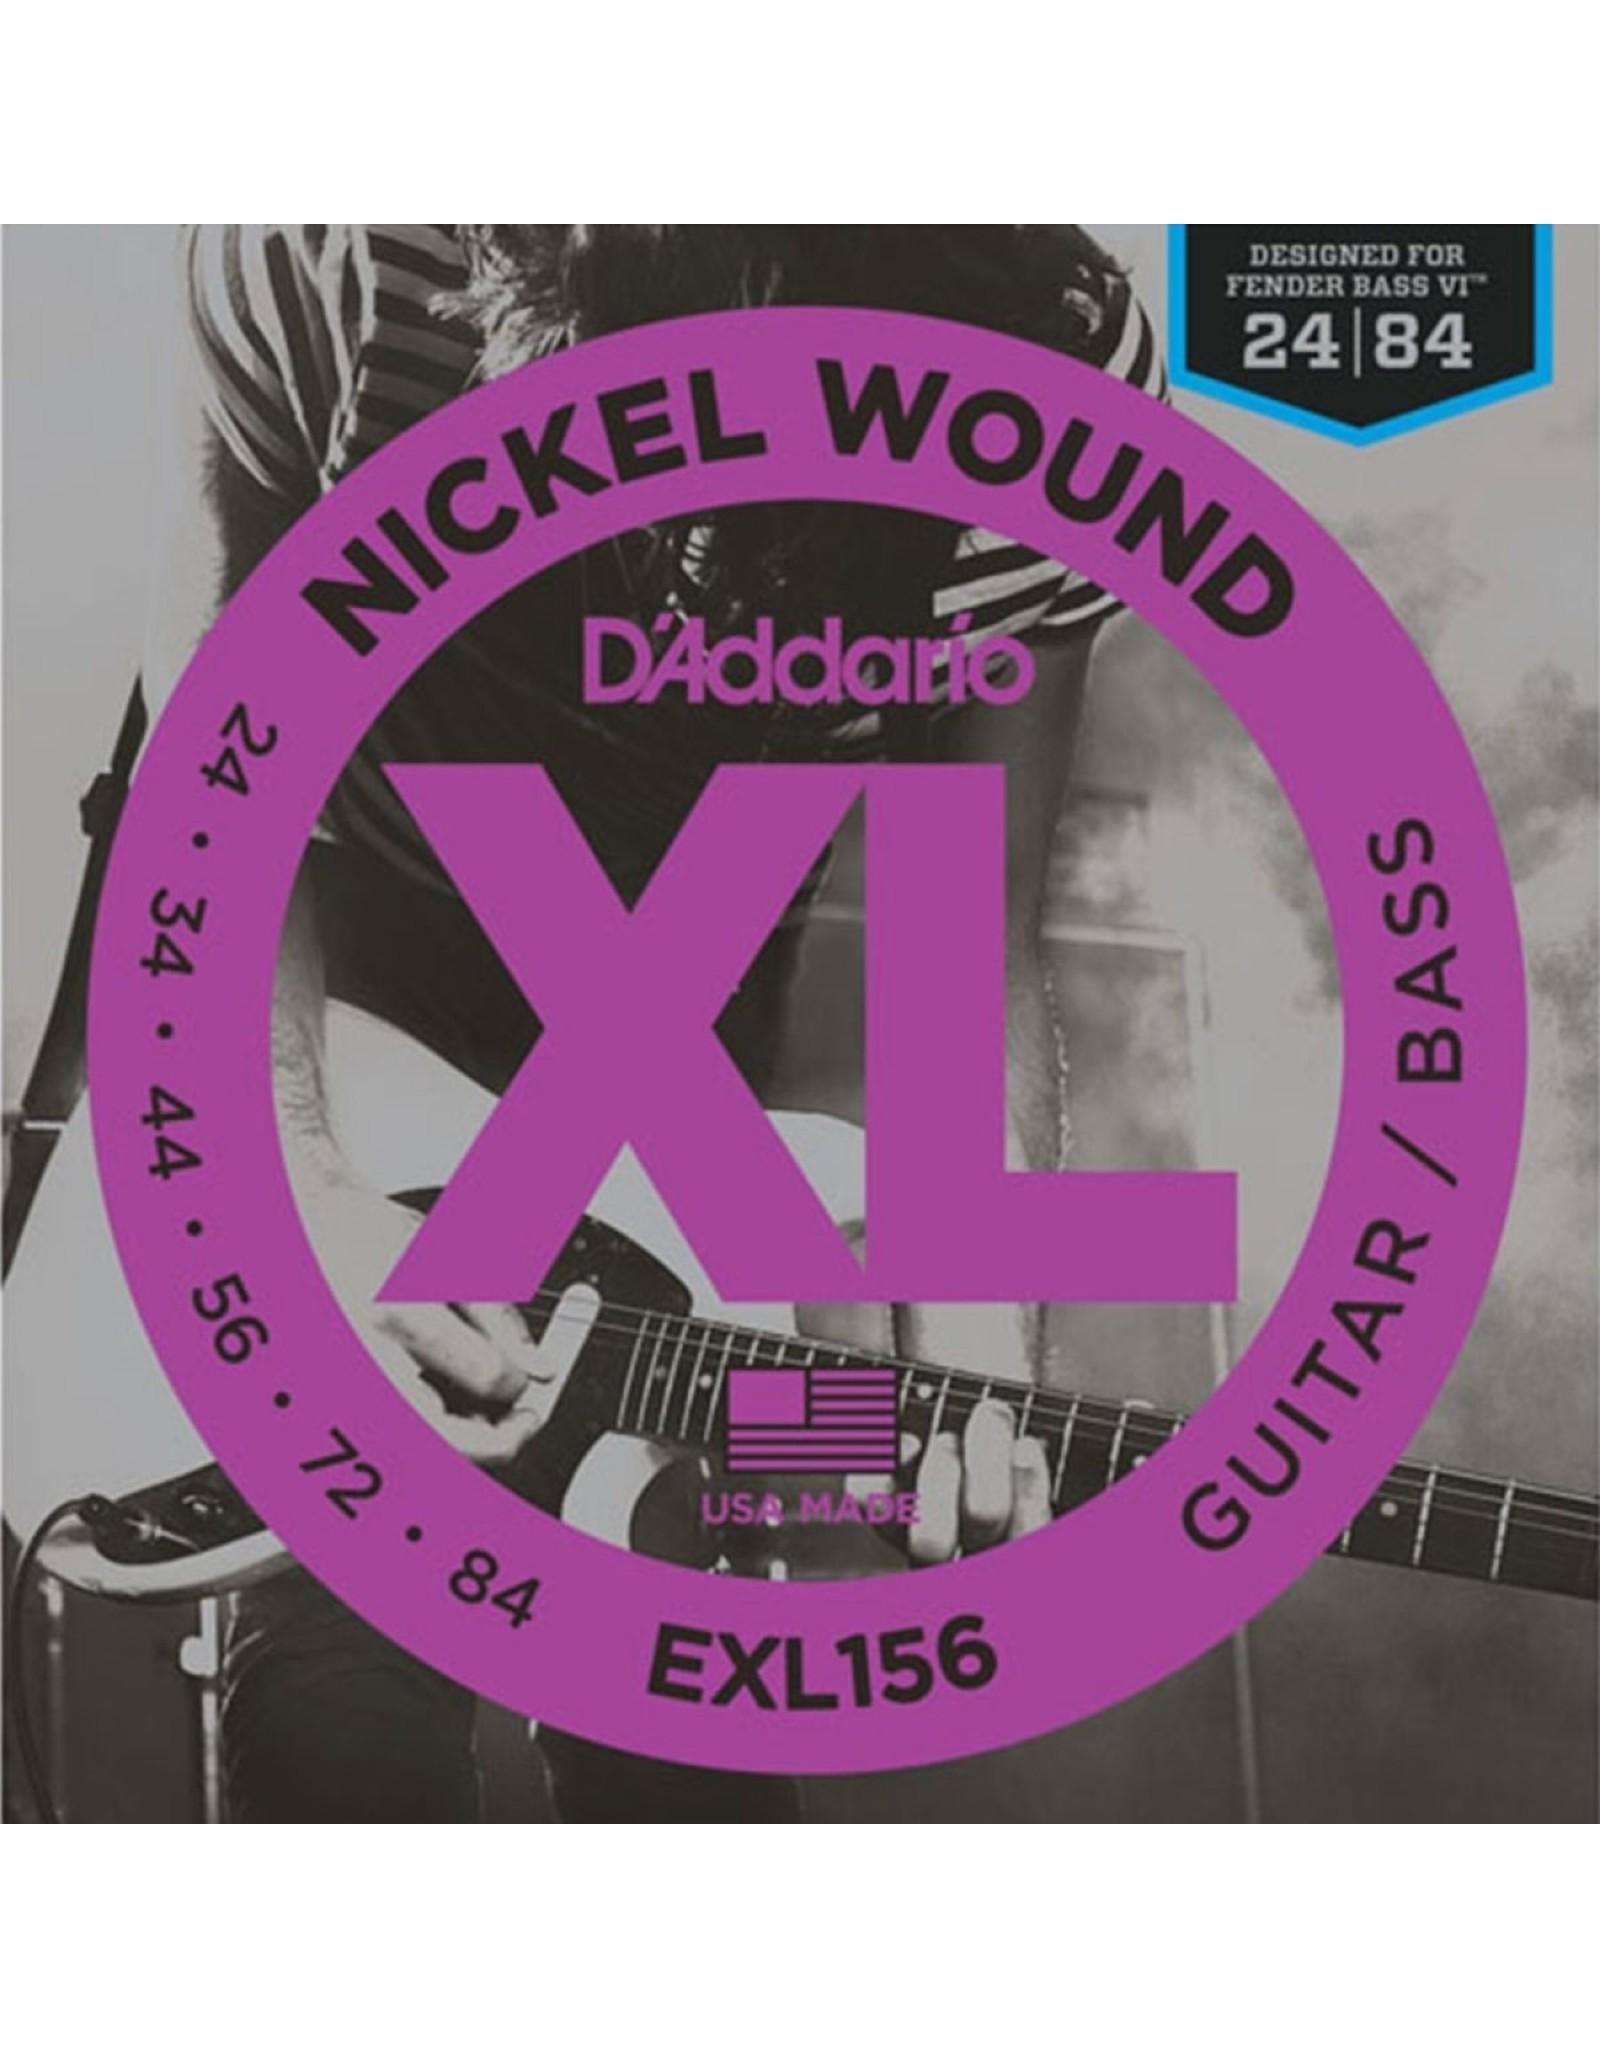 D'Addario D'addario EXL156 Bass VI snaren